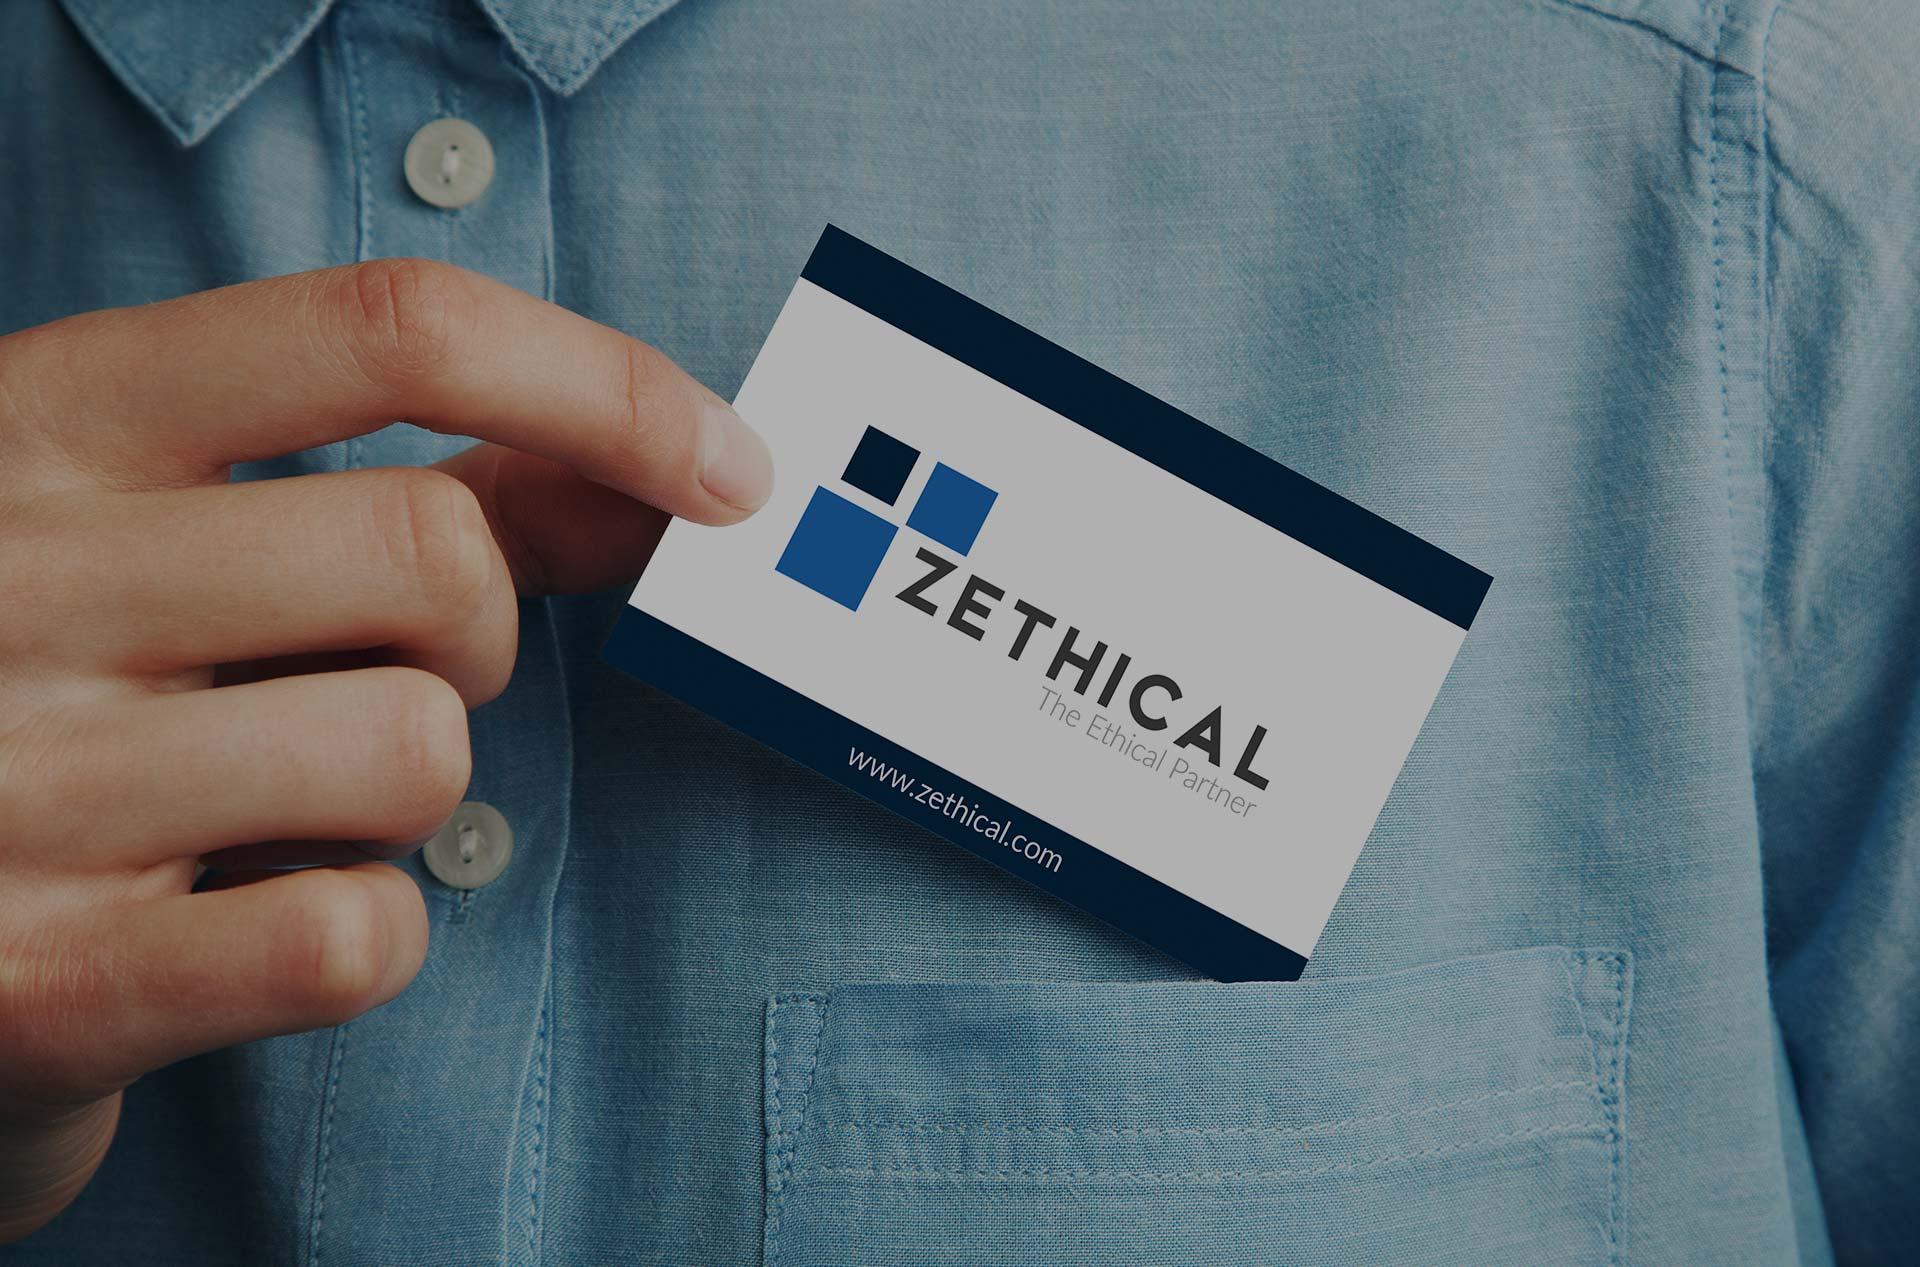 Zethical